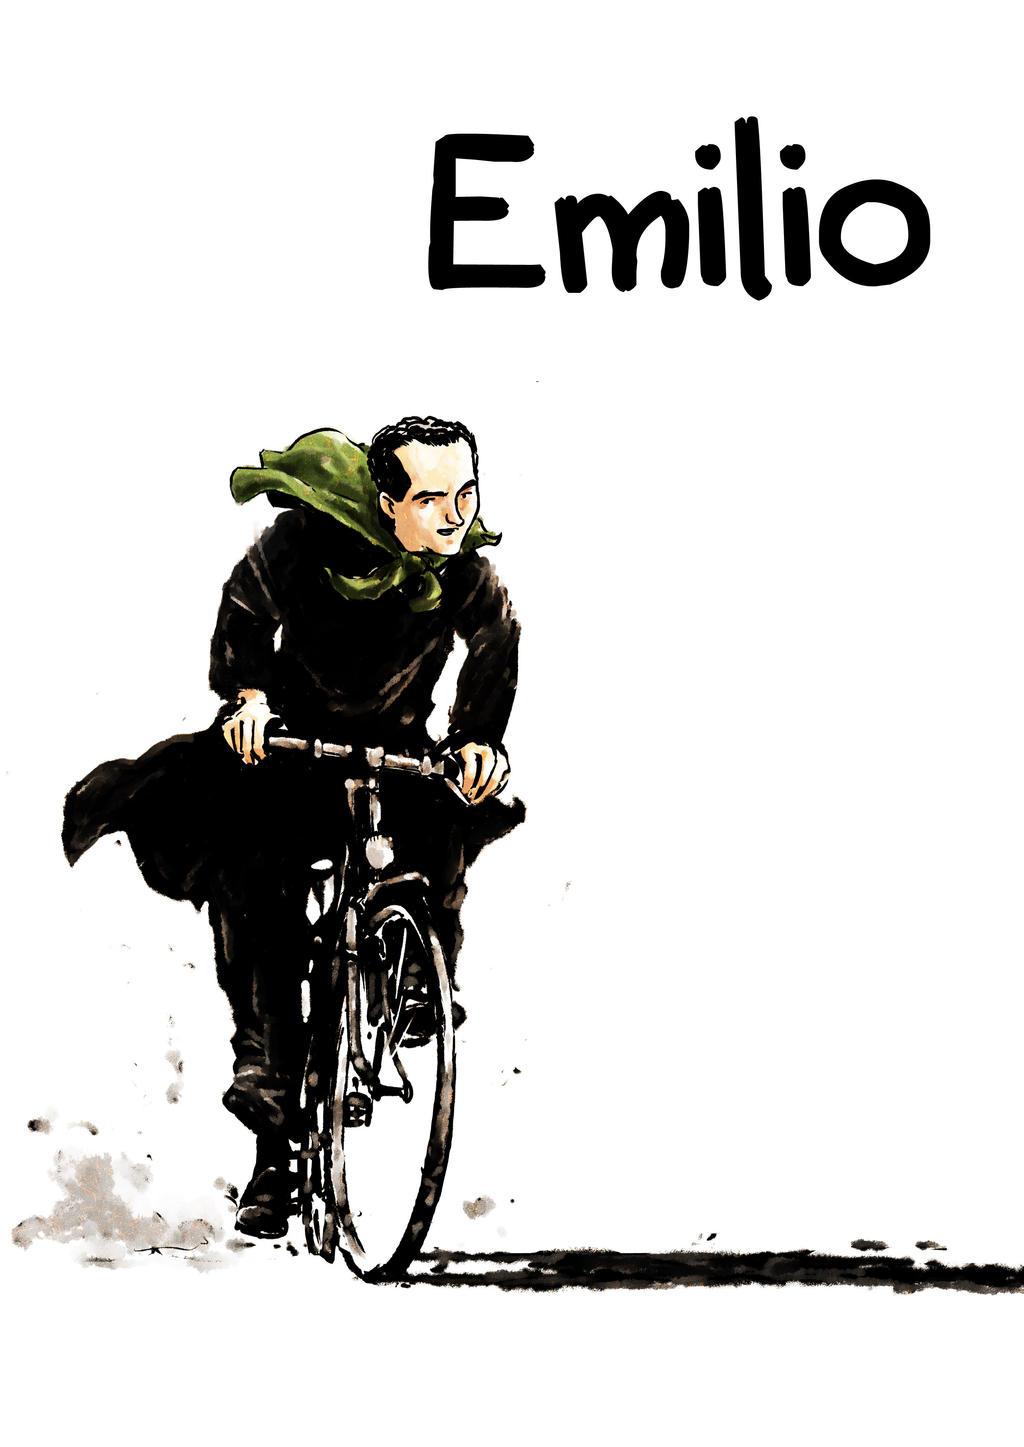 Emilio Cover art